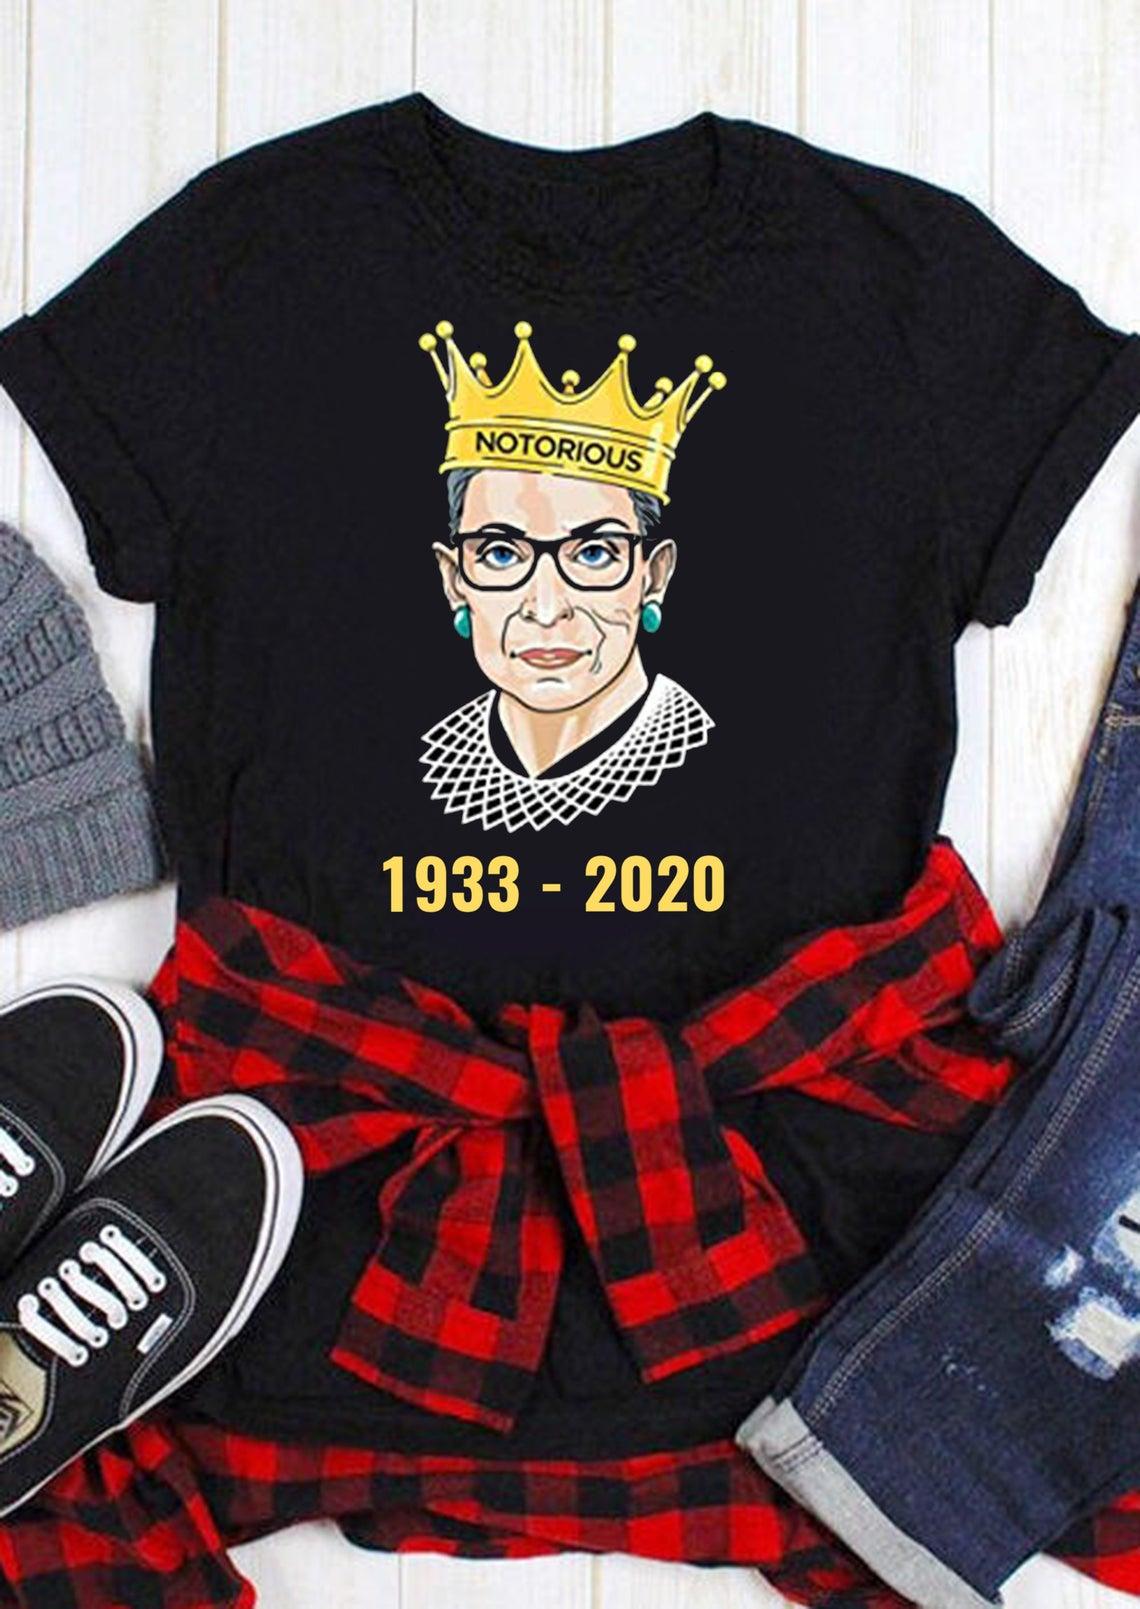 Rbg Rip Ruth Bader Ginsburg 1933-2020 Shirt